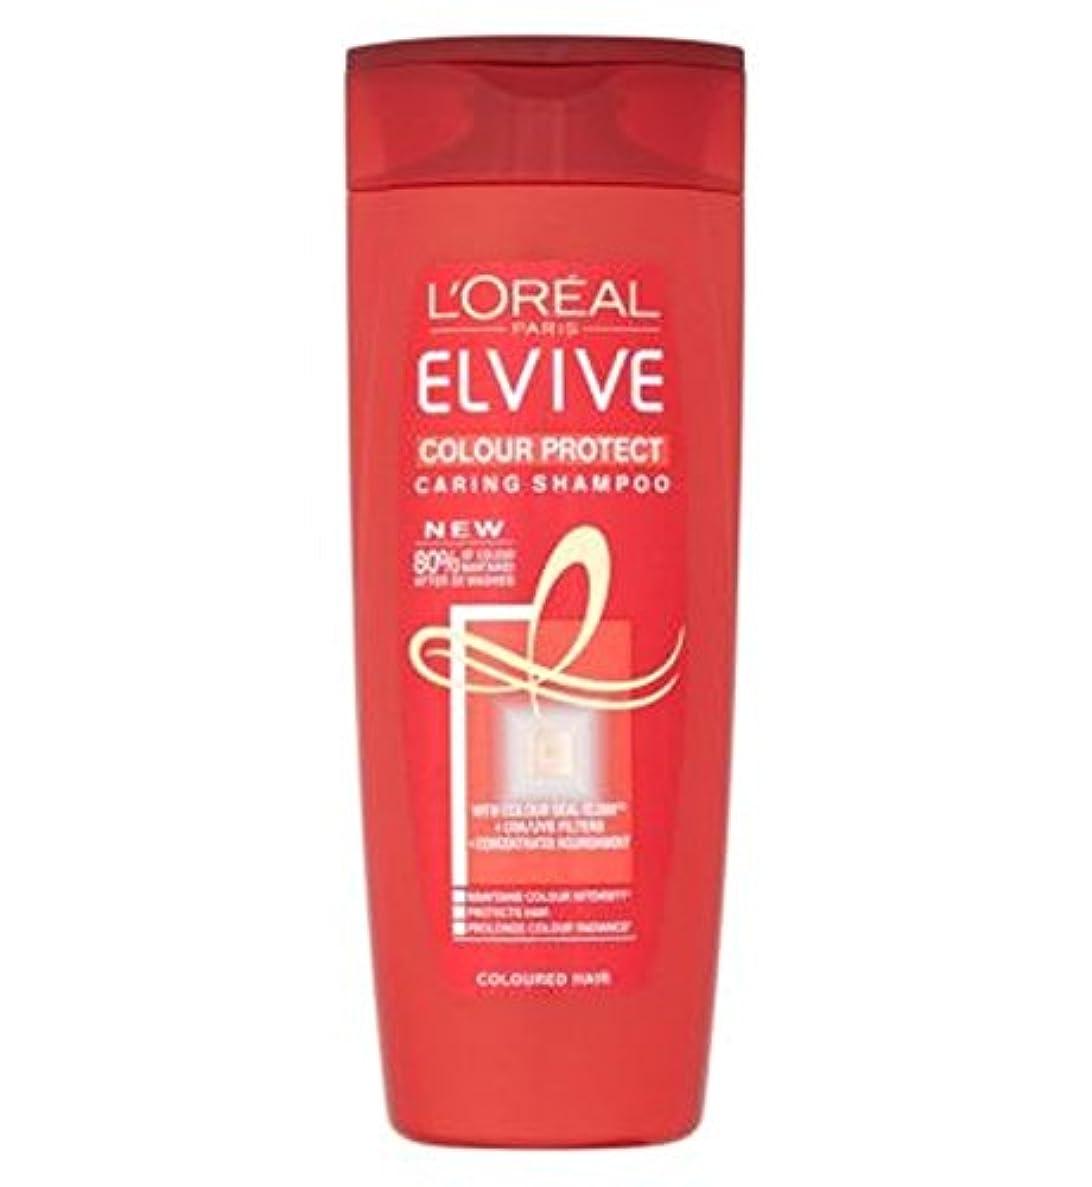 南東繰り返すプロットL'Oreall Elvive Colour Protect Caring Shampoo 400ml - L'Oreall Elvive色思いやりのあるシャンプー400ミリリットルを保護 (L'Oreal) [並行輸入品]